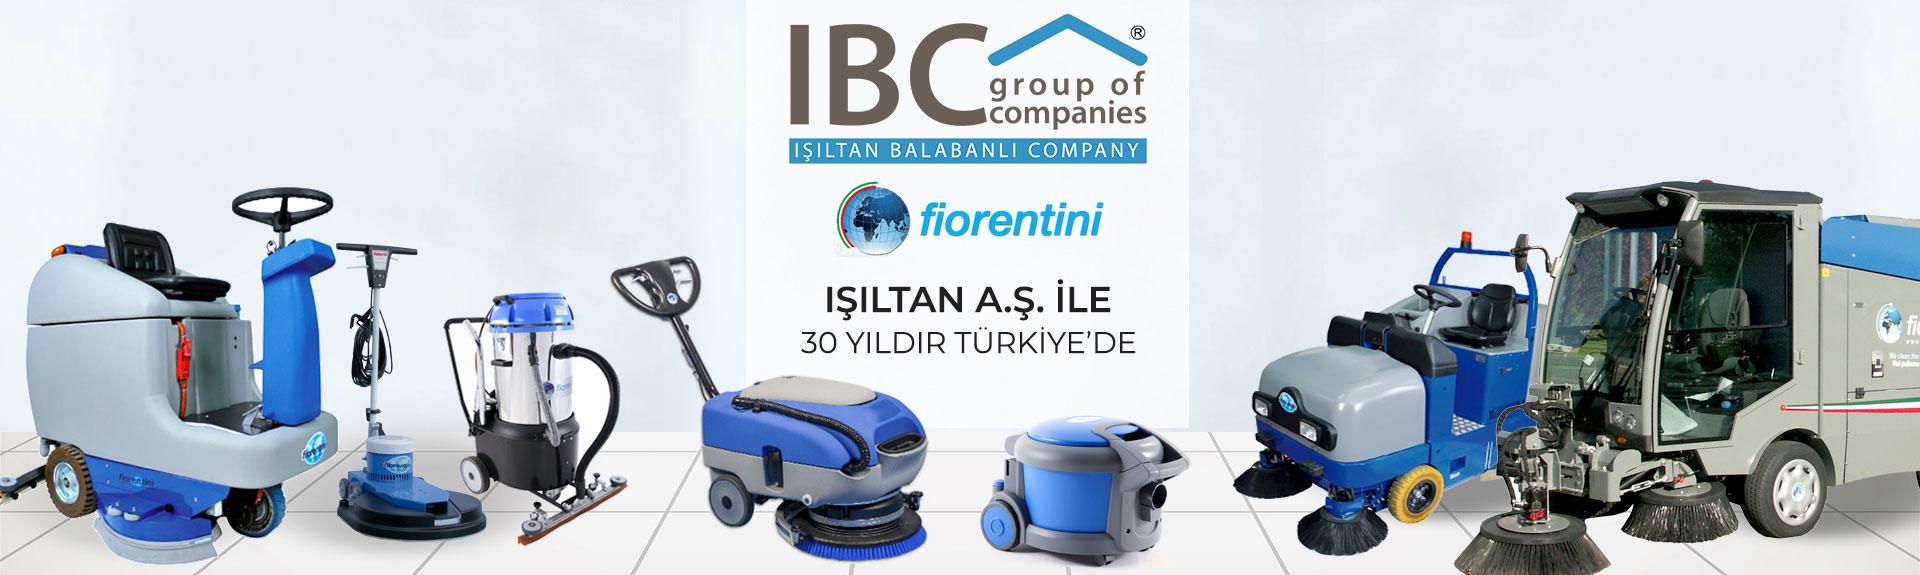 Fiorentini Işıltan A.ş İle 30 Yıldır Türkiyede